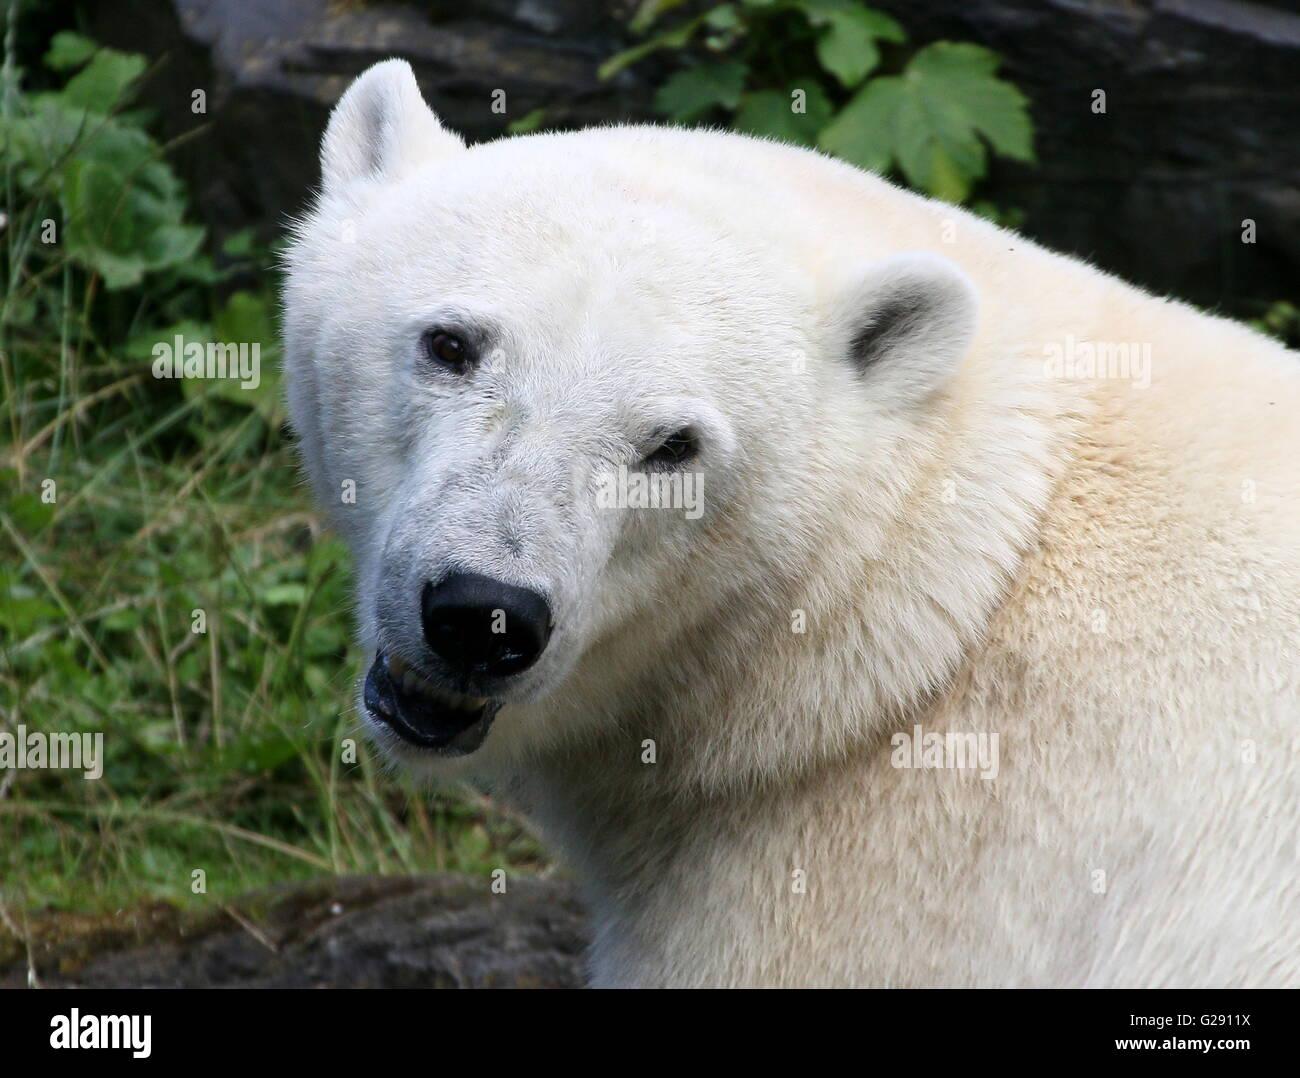 Frechen weiblichen Eisbären (Ursus Maritimus) Nahaufnahme des Kopfes Stockbild